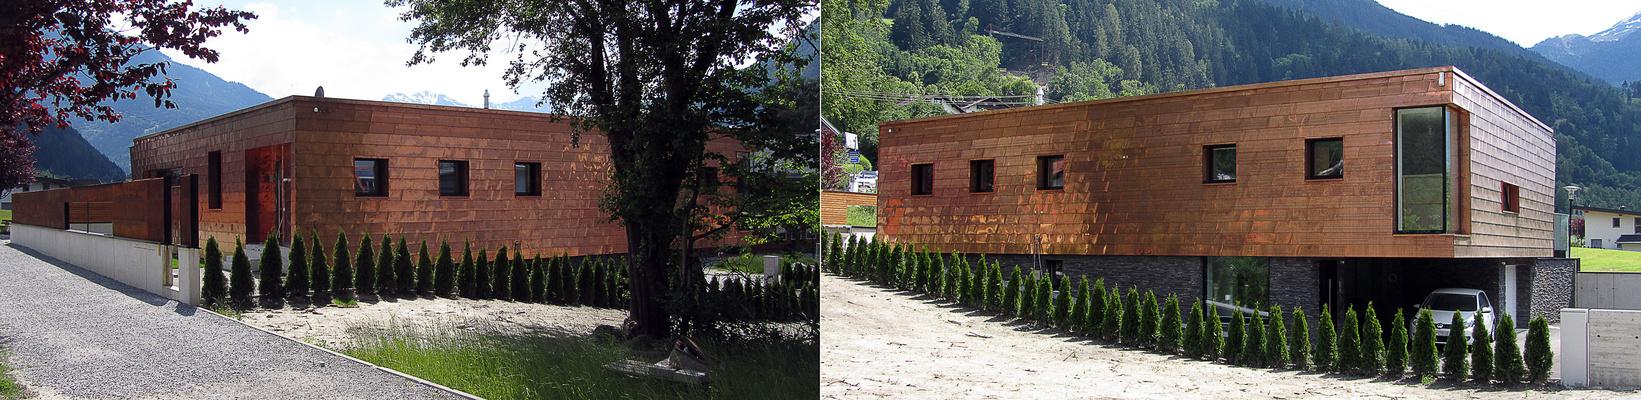 Moderne, ländliche Architektur